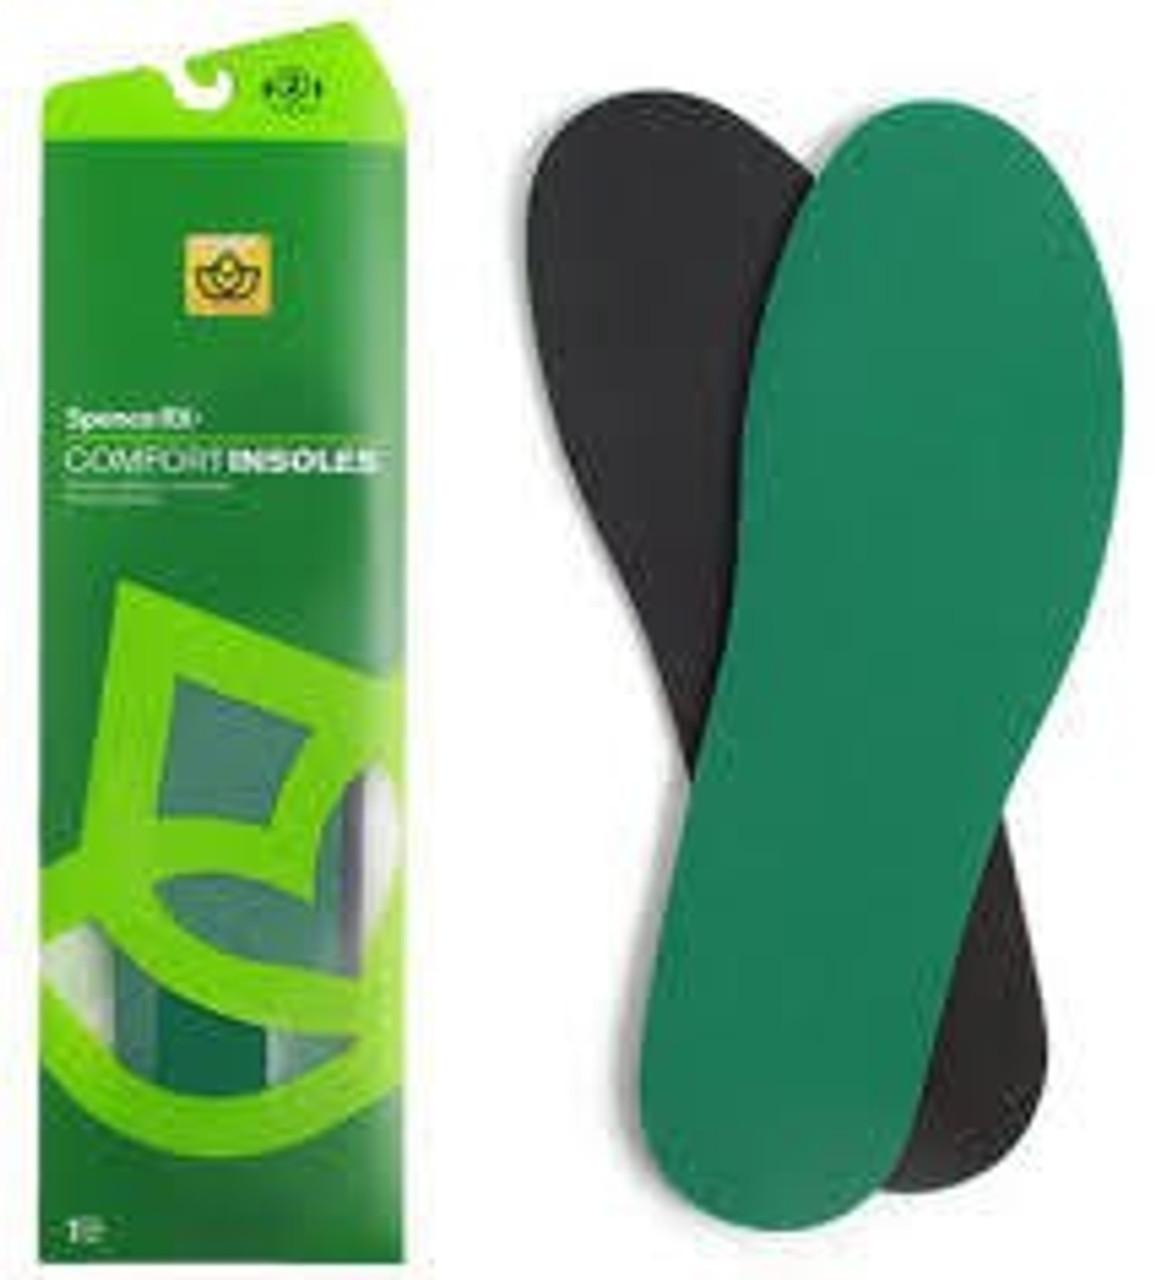 Spenco Comfort Insoles Jimmy S Work N Wear